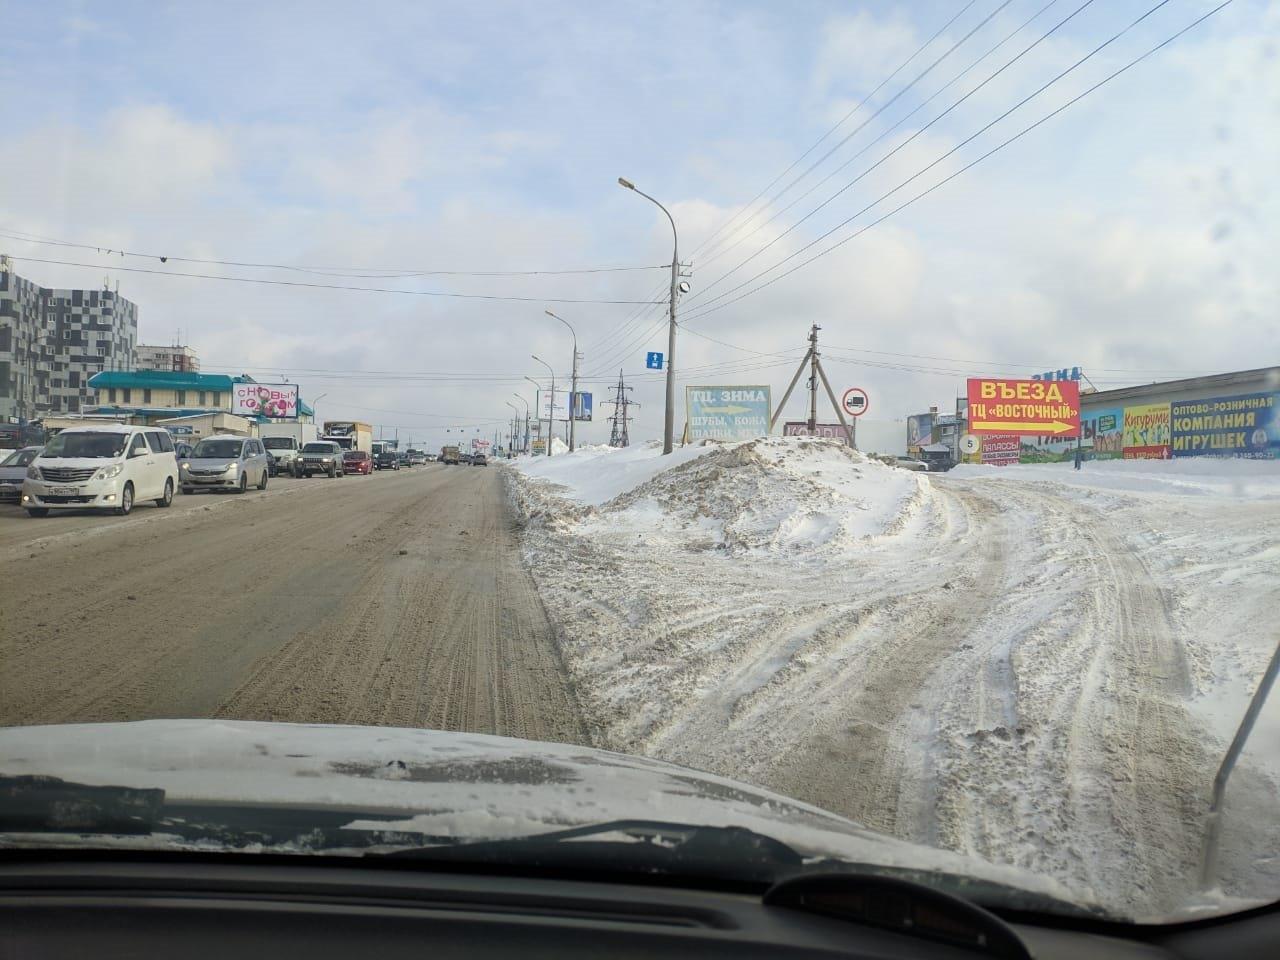 фото «Ждут, когда растает сам»: снег не вывозят с Гусинобродского шоссе всю зиму – горожанка рассказала о борьбе с сугробами 2